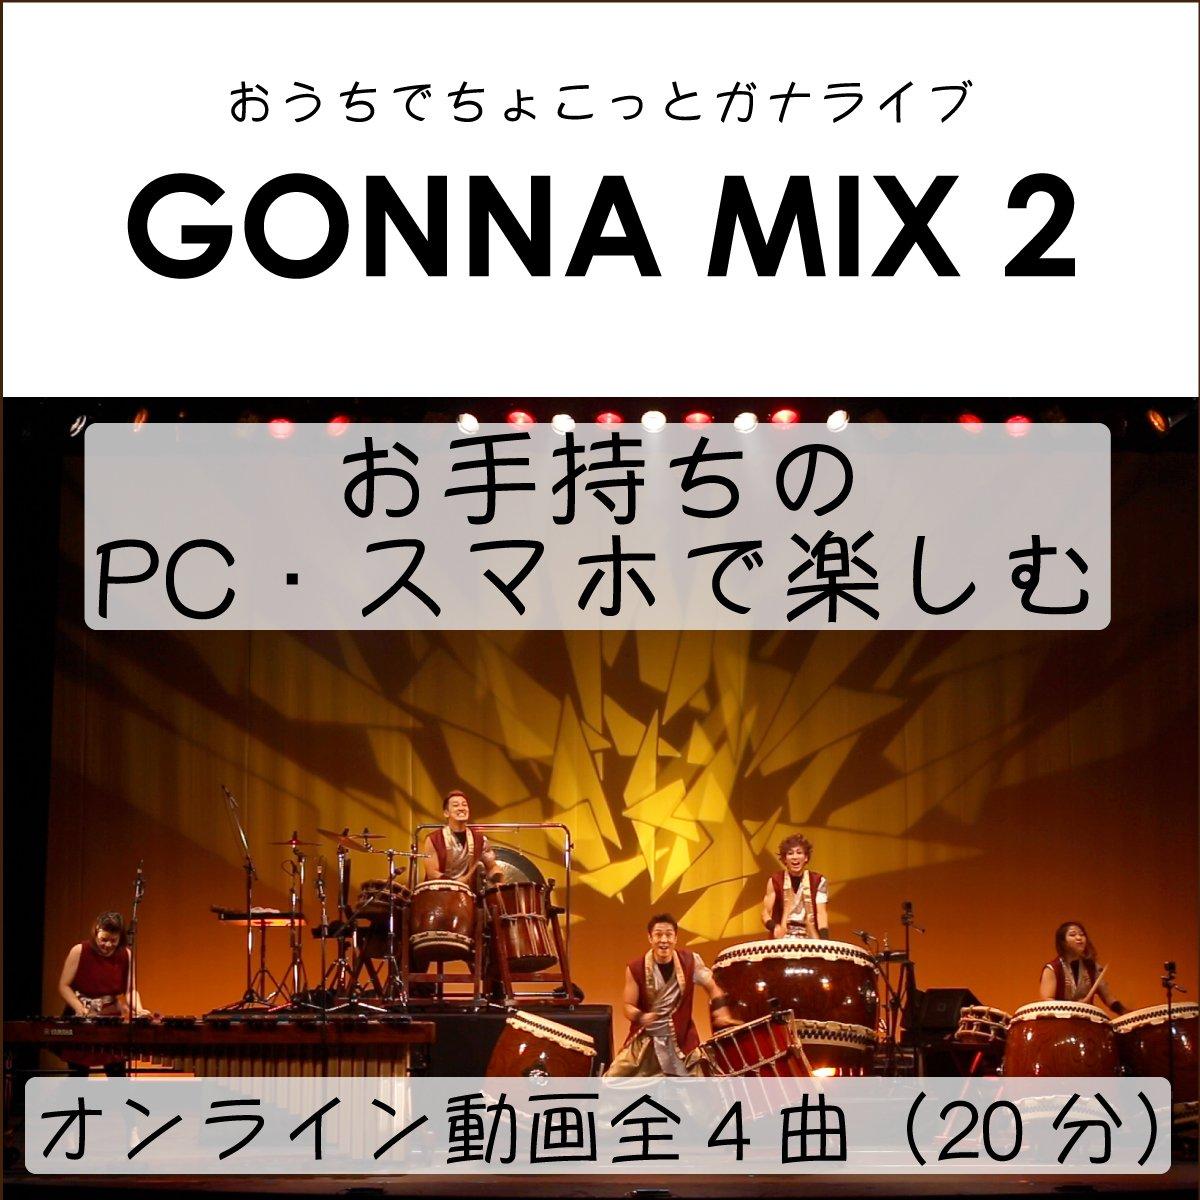 ◆第2弾!GONNA(ガナ)オンライン動画【GONNA MIX 2】全4曲|和太鼓×マリンバ=迫力×癒しインストゥルメンタルミュージック|コロナで自粛中におうちでちょこっと楽しめるGONNAライブのイメージその1